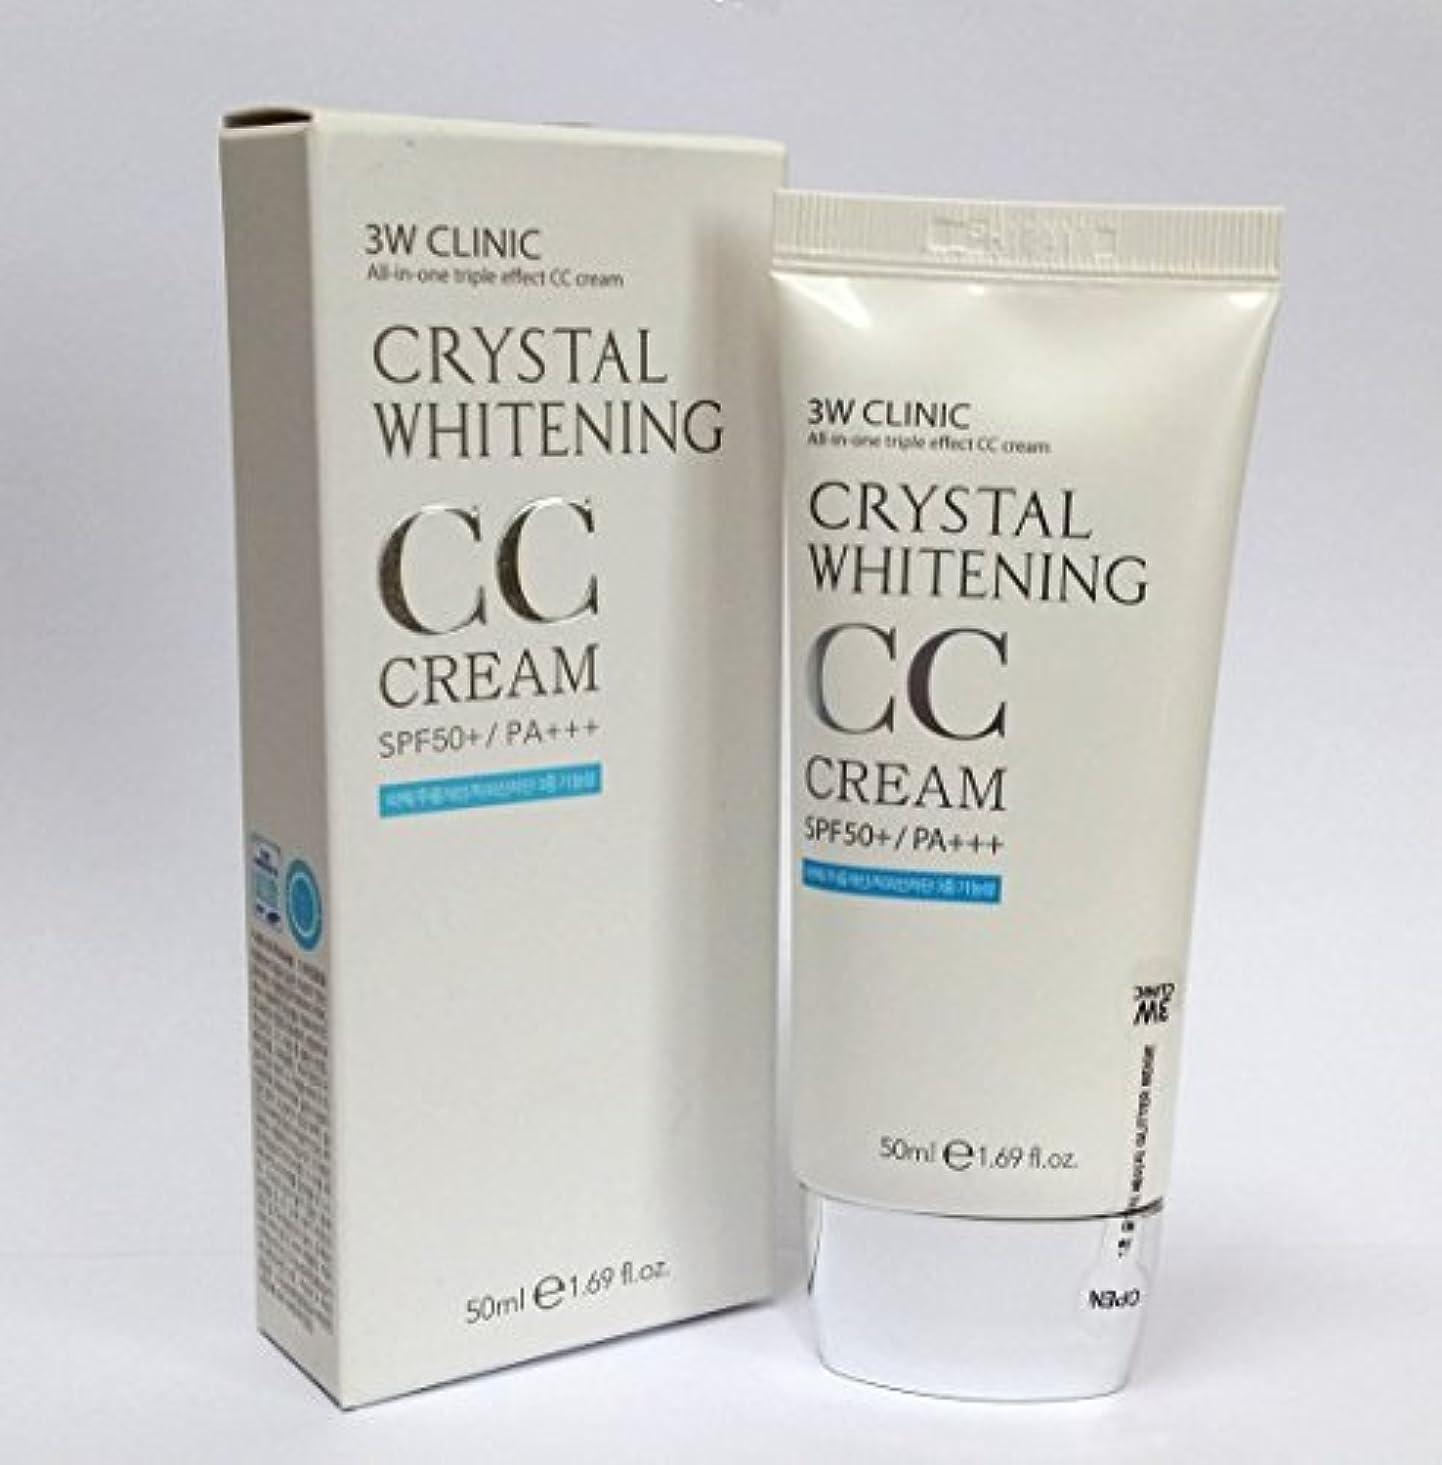 下向き有益なテキスト[3W CLINIC] クリスタルホワイトニングCCクリーム50ml SPF50 PA +++ / #02 Natural Beige / Crystal Whitening CC Cream 50ml SPF50 PA...